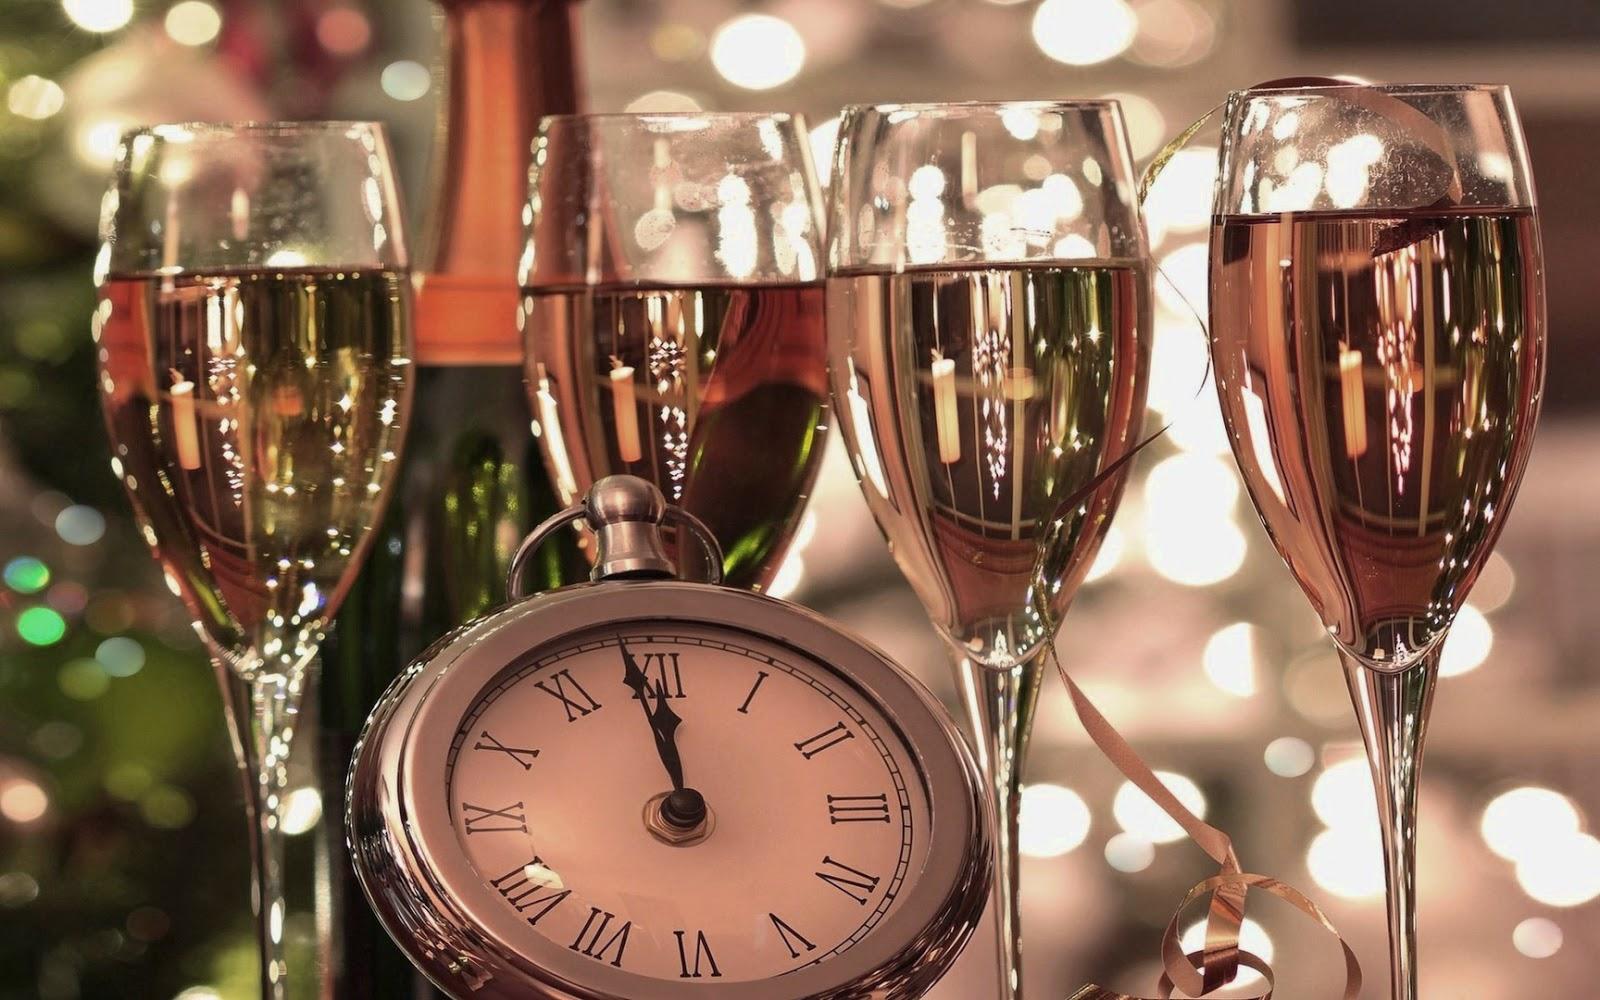 Foto met de klok en champagne